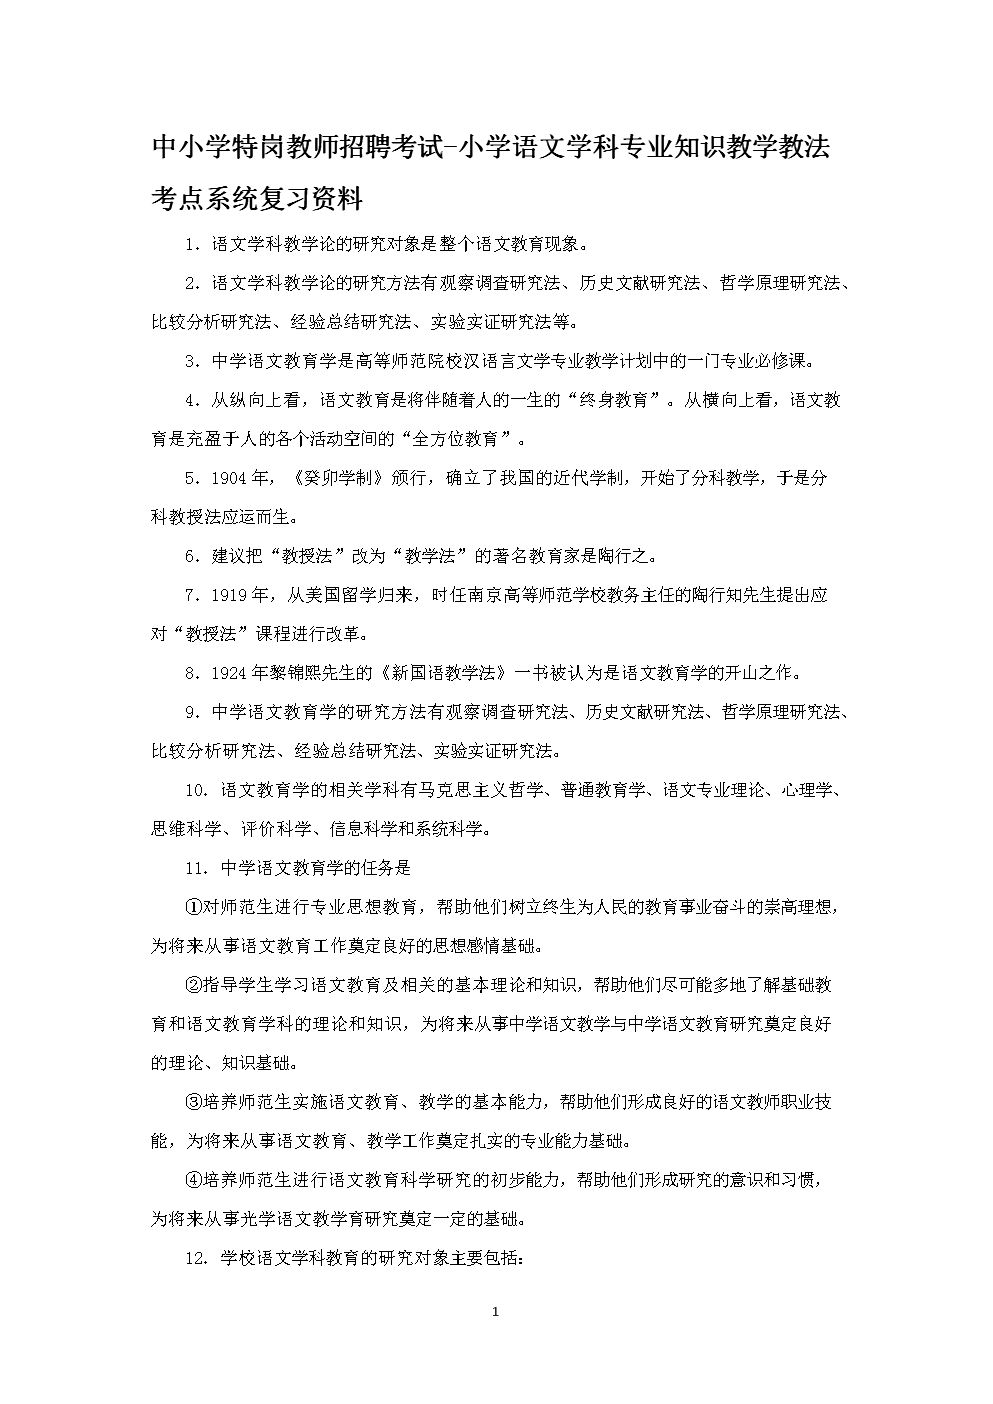 中小学特岗小学考试招聘小学教师学科专业知识中心良庆语文图片